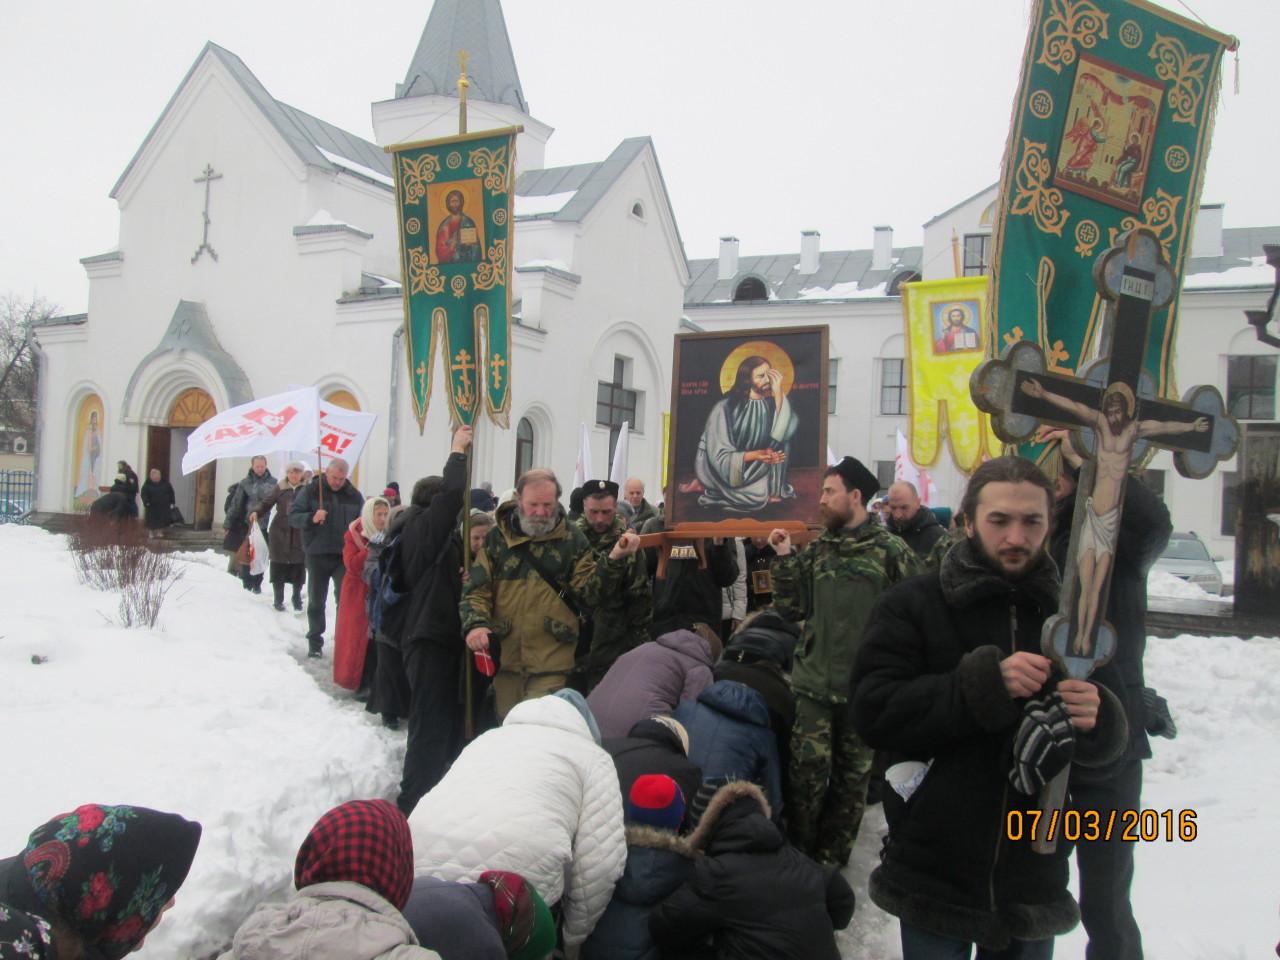 25 км в защиту жизни: ежегодная пролайф-акция прошла в Могилёве